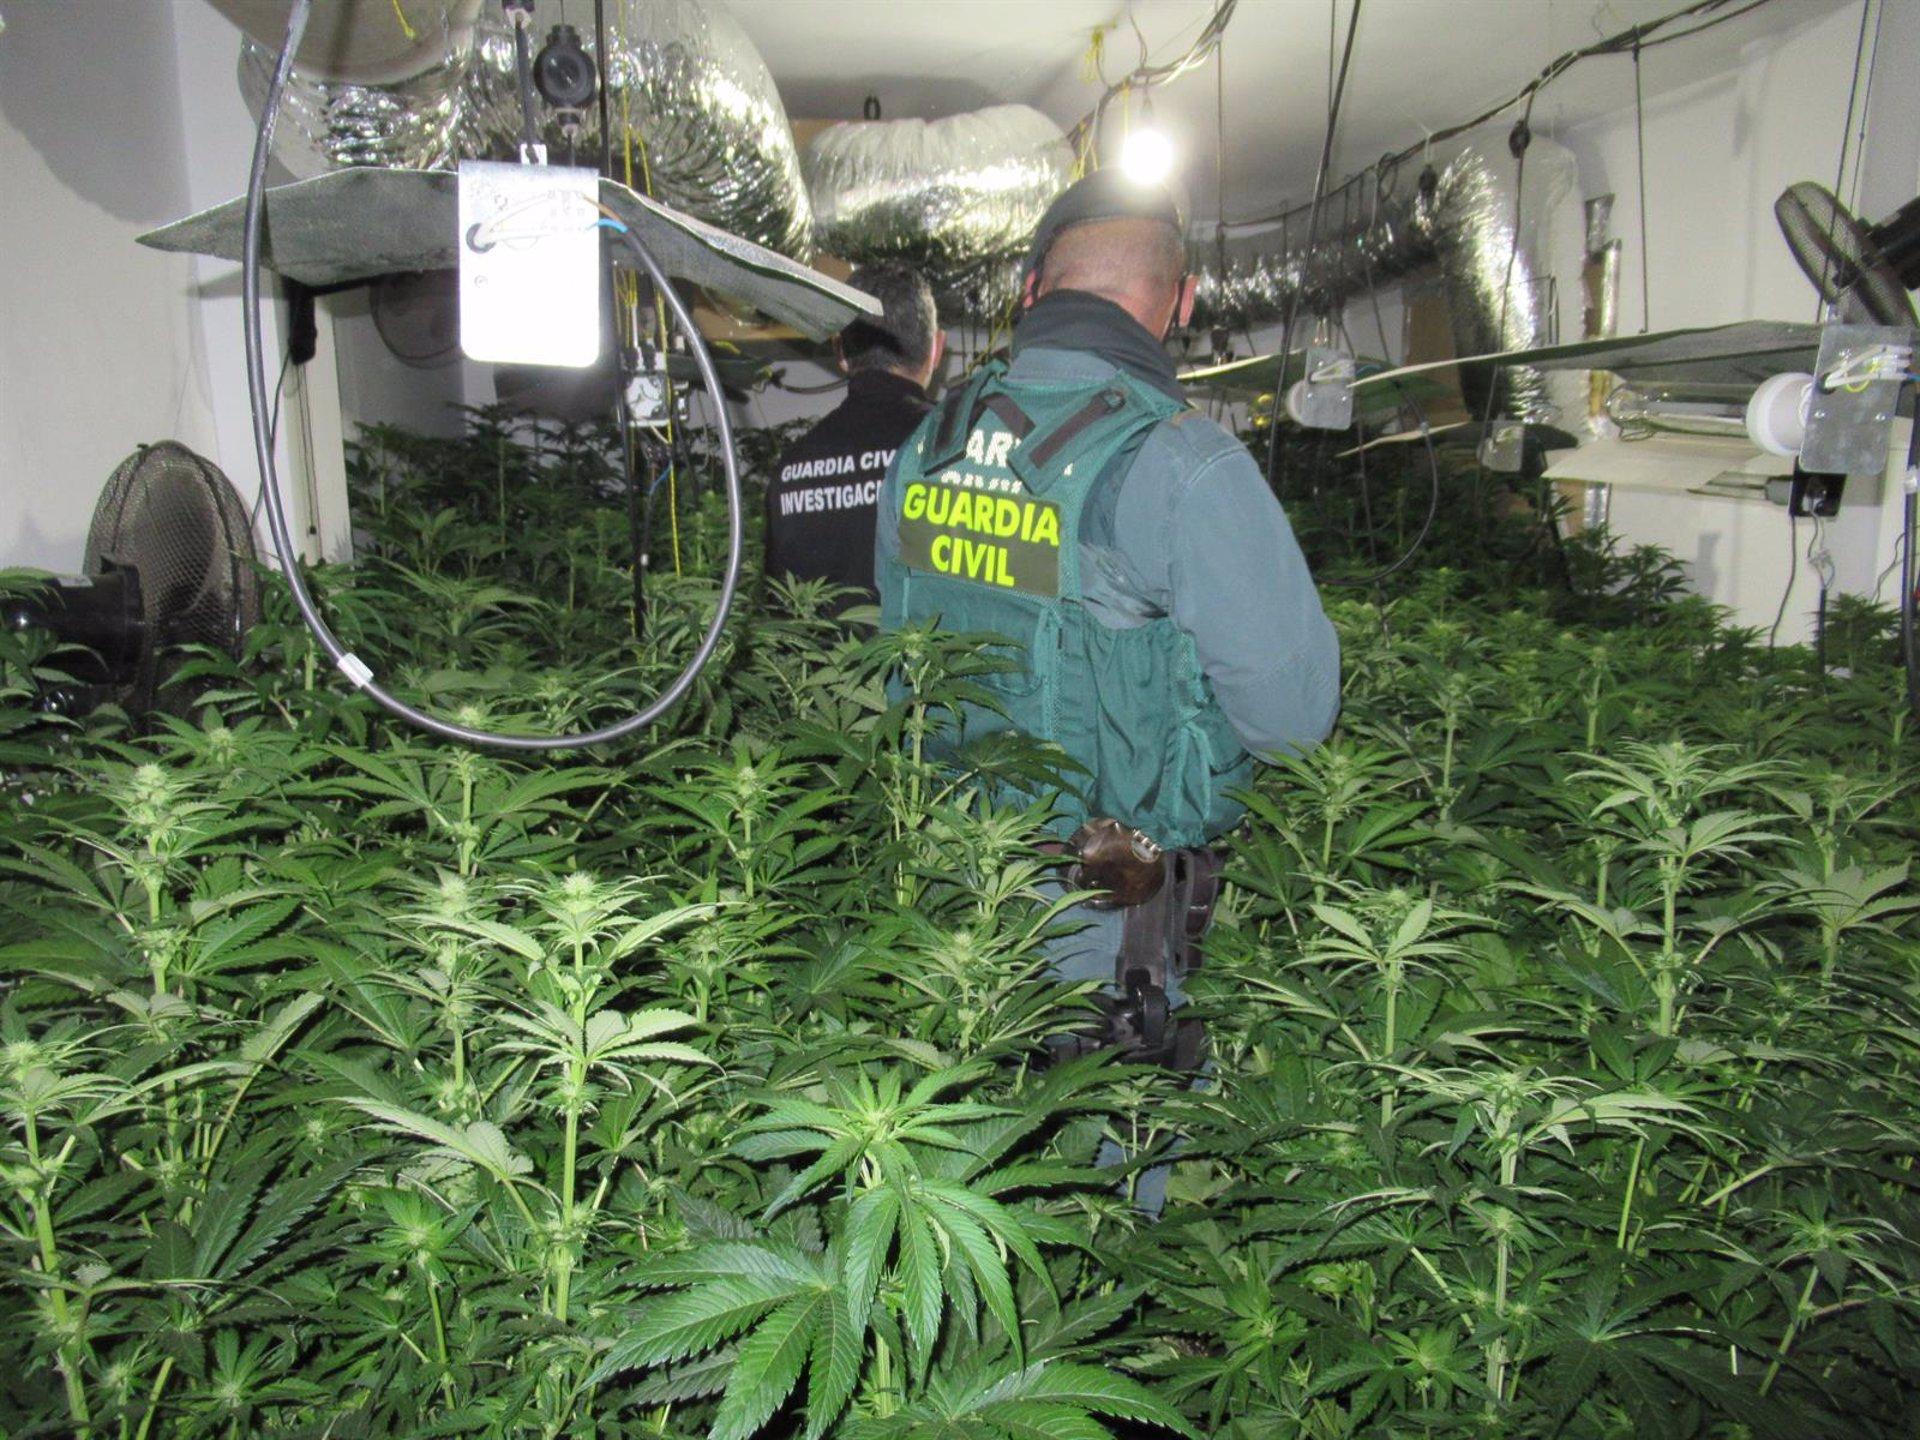 Desarticulan cuatro centros de producción de marihuana en Santa Fe